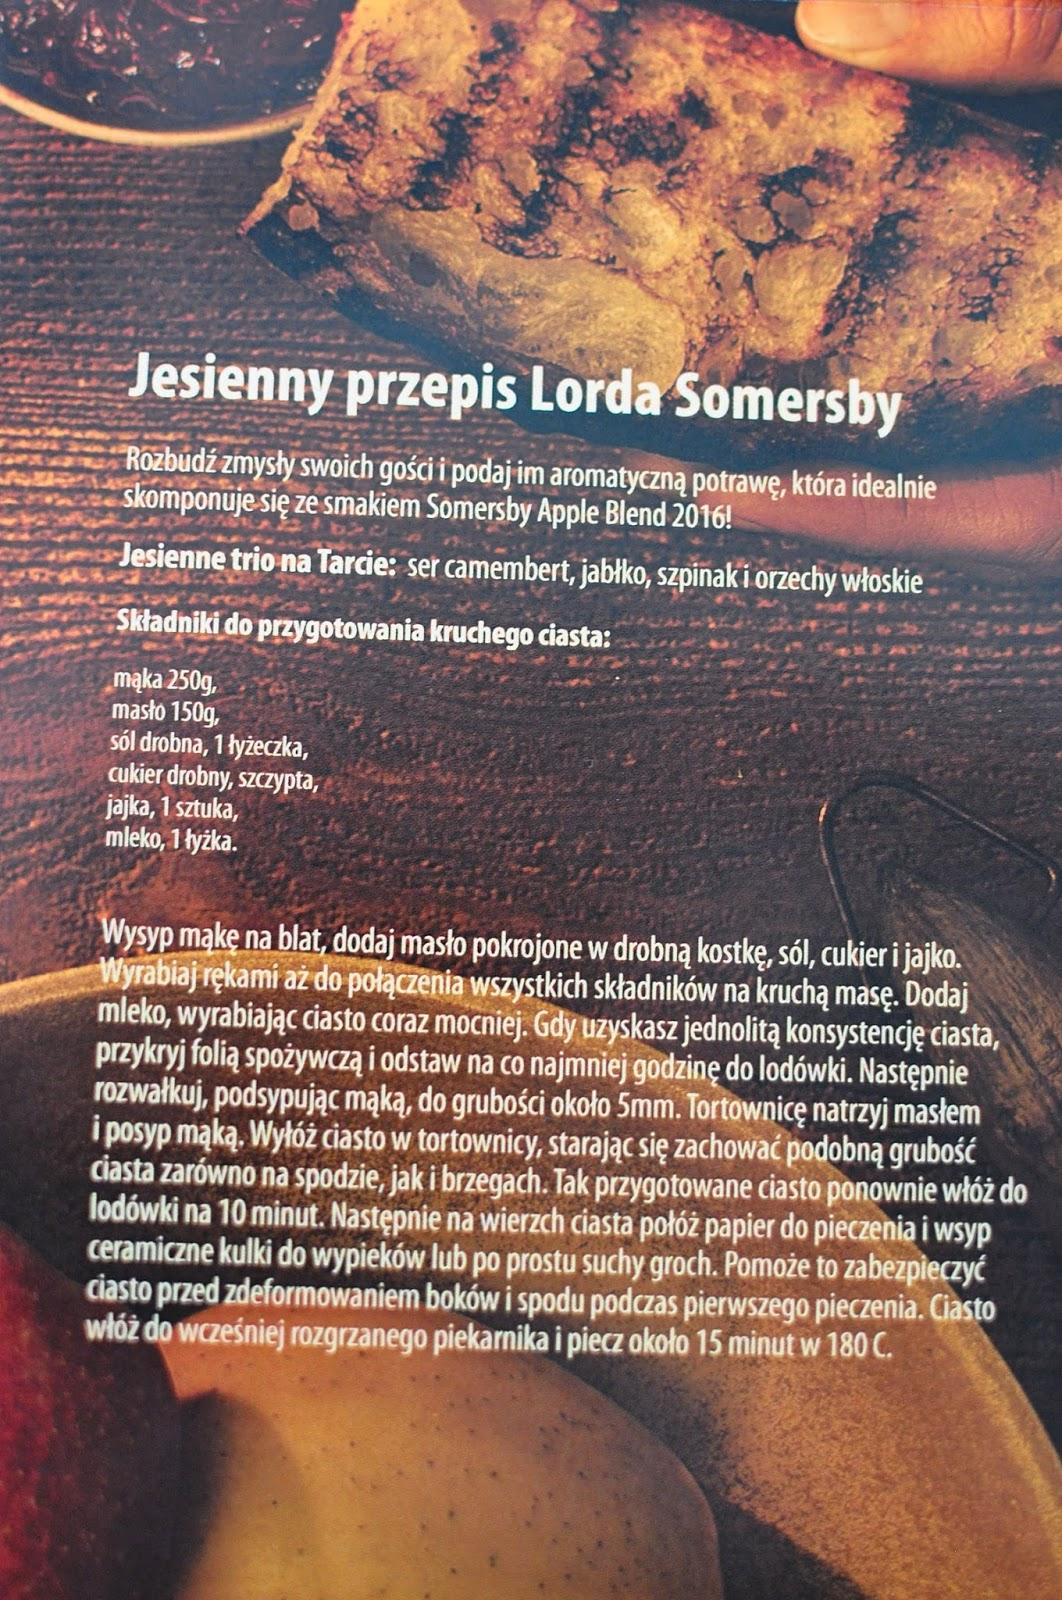 przepis_somersby_ciasto